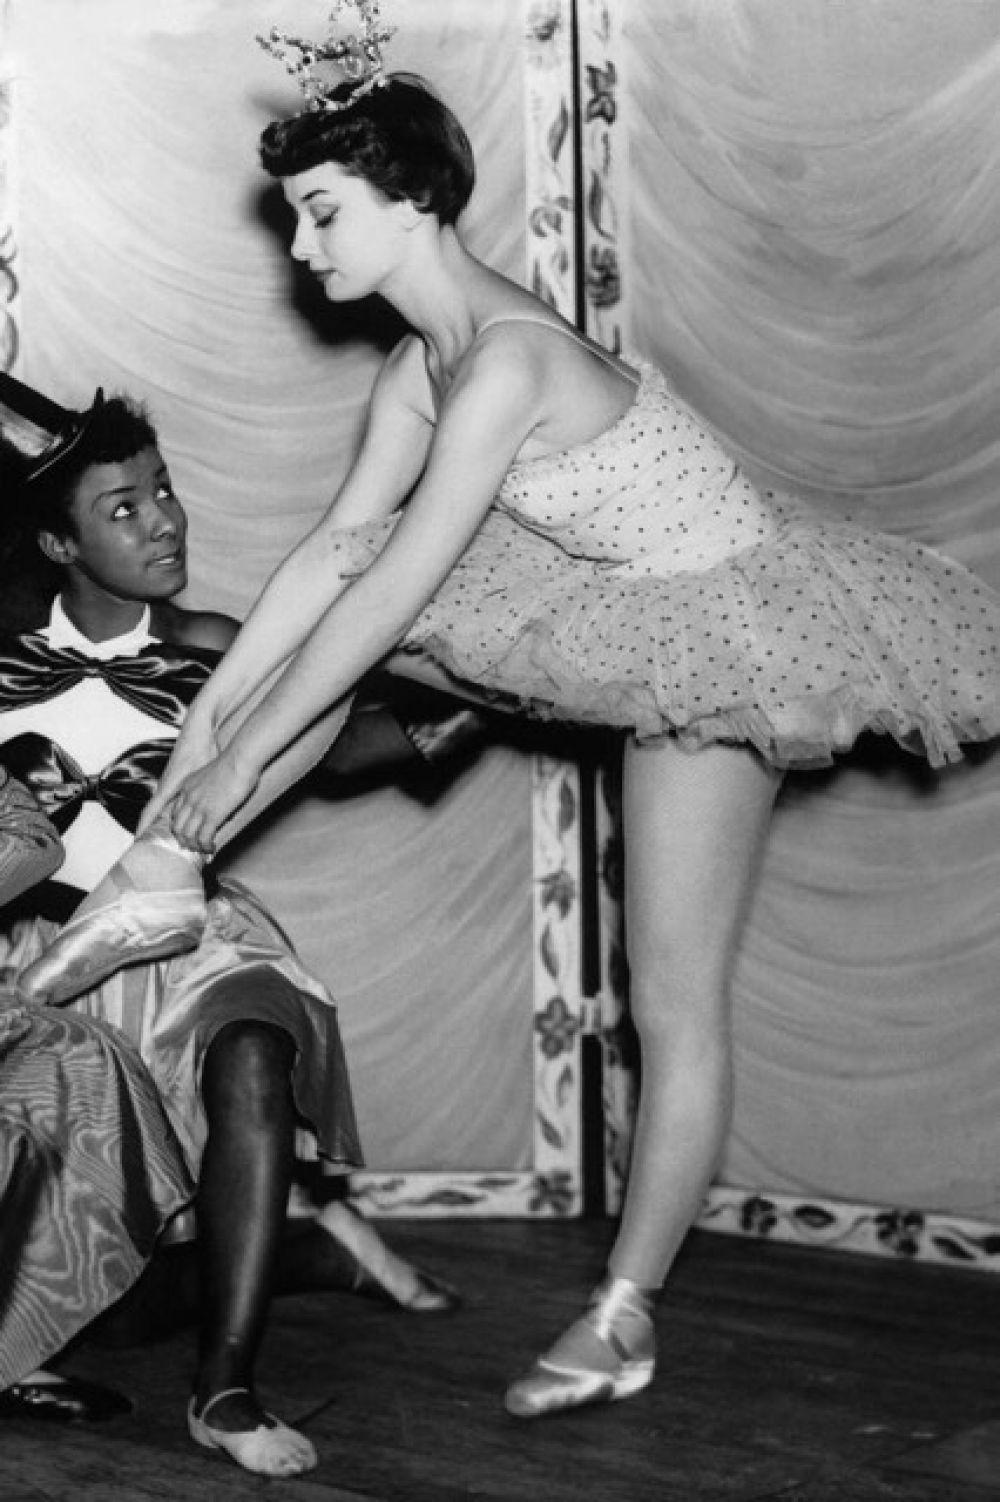 """Балет был главным увлечением Одри вплоть до ее 25-летия. После войны Одри Хепберн переехала в Амстердам и занималась у прославленной Мари Рамберт. Однако, карьере танцовщицы помешал не в меру высокий рост Одри - из-за этого у будущей звезды были проблемы с координацией и прыжками, а еще многие мужчины-танцоры были ниже ее ростом. Именно поэтому Одри обратила свой взгляд сначала на театр, получив главную роль  постановке """"Жижи"""", а затем снявшись в учебном фильме """"Голландский для начинающих""""."""